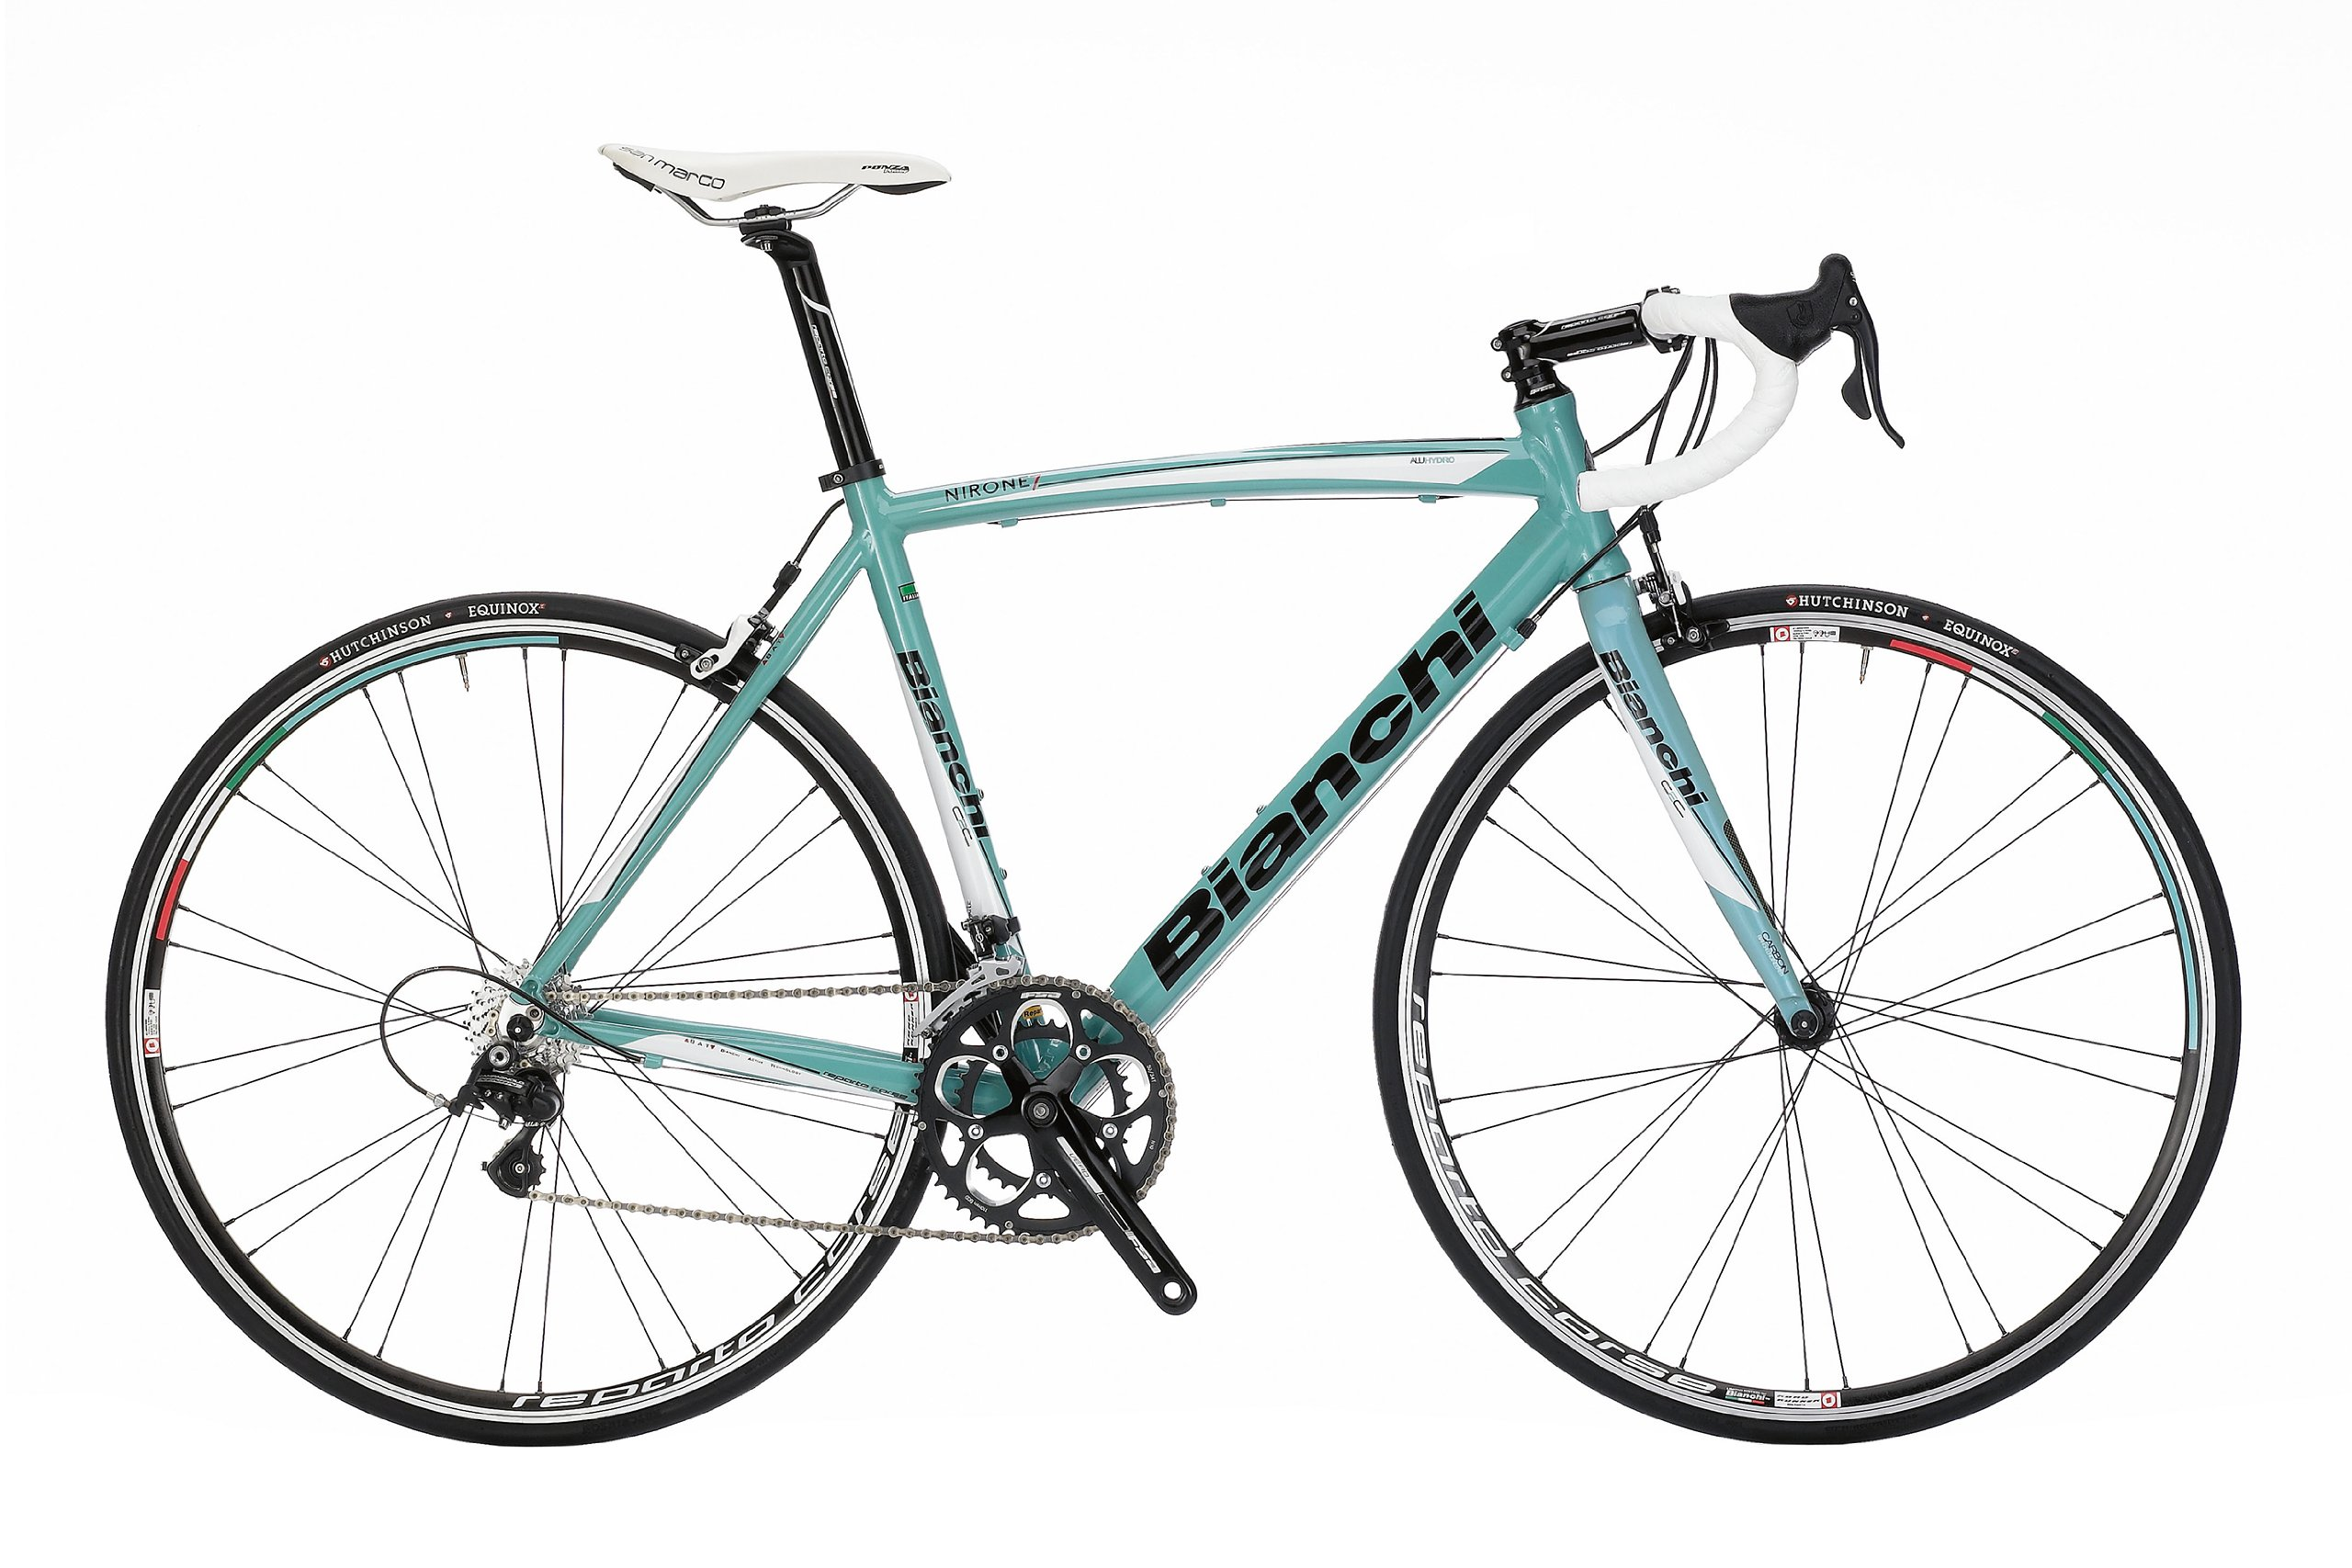 Bianchi - Bicicleta de carretera, talla 57 cm: Amazon.es: Deportes y aire libre